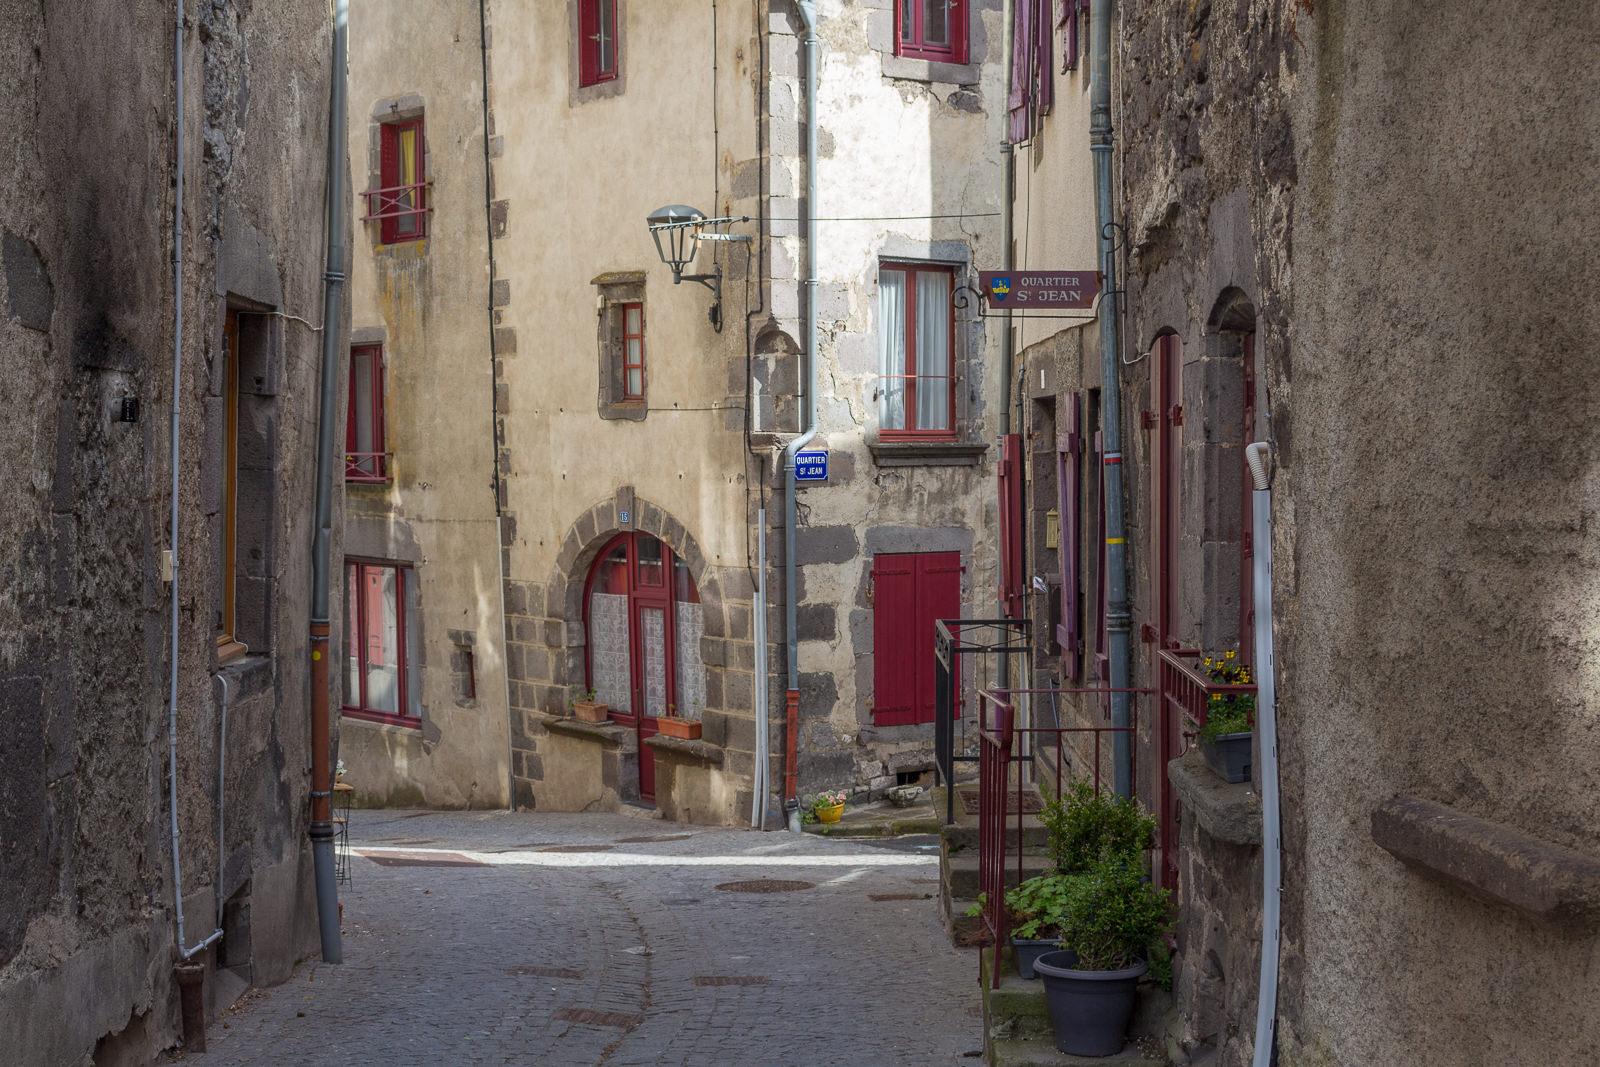 Besse-et-Saint-Anastaise, Auvergne, Frankreich, Sancy-Massiv, Mittelalter